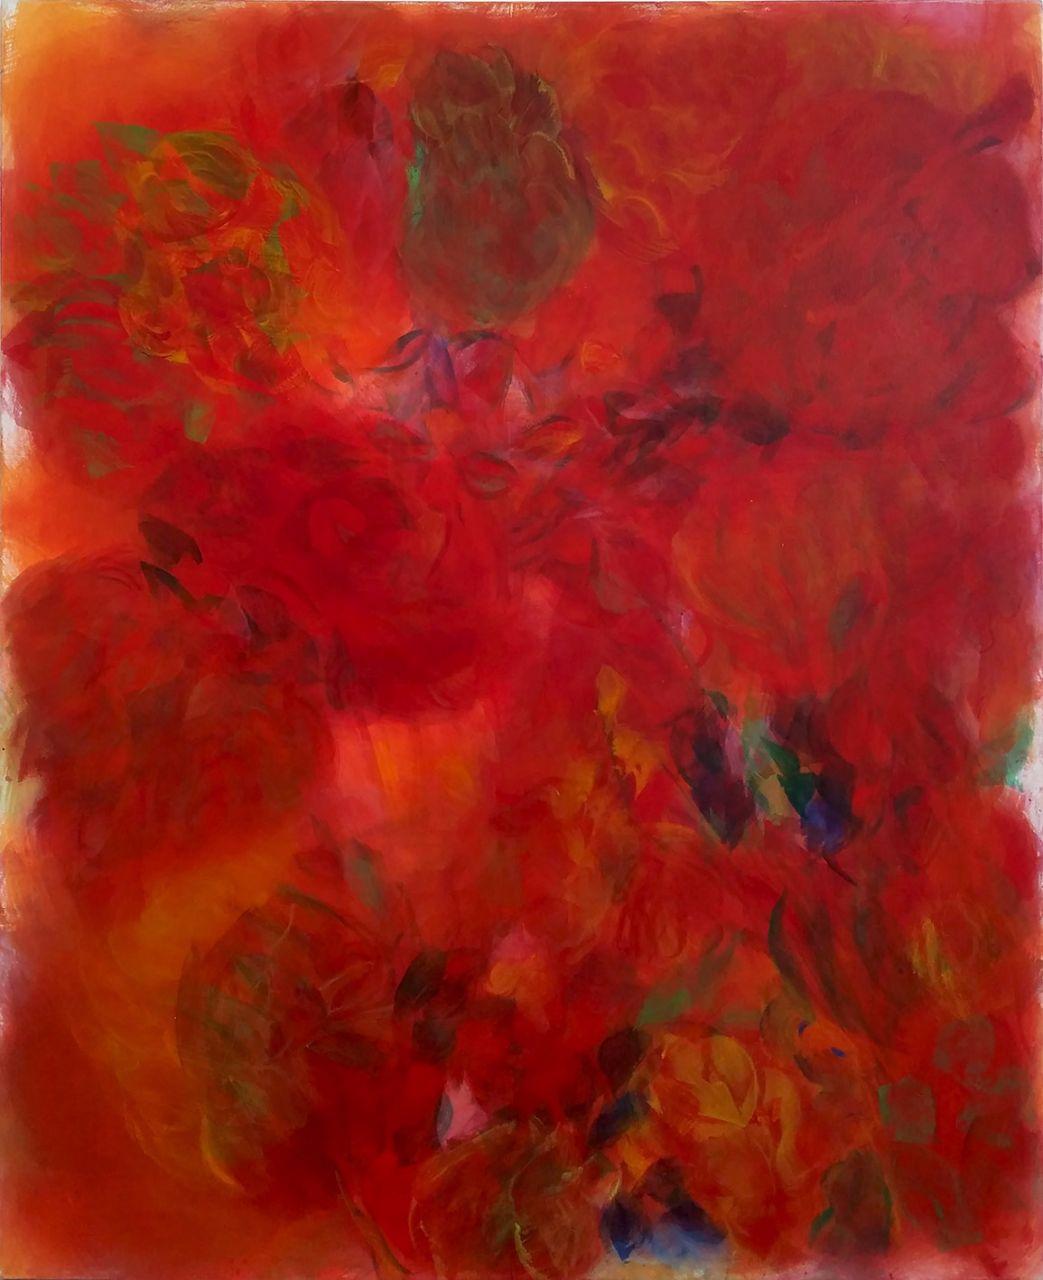 Hanspeter Münch, Ohne Titel II, Werk Nr. 2, 2011, Acryl auf Leinwand, 220 x 180cm